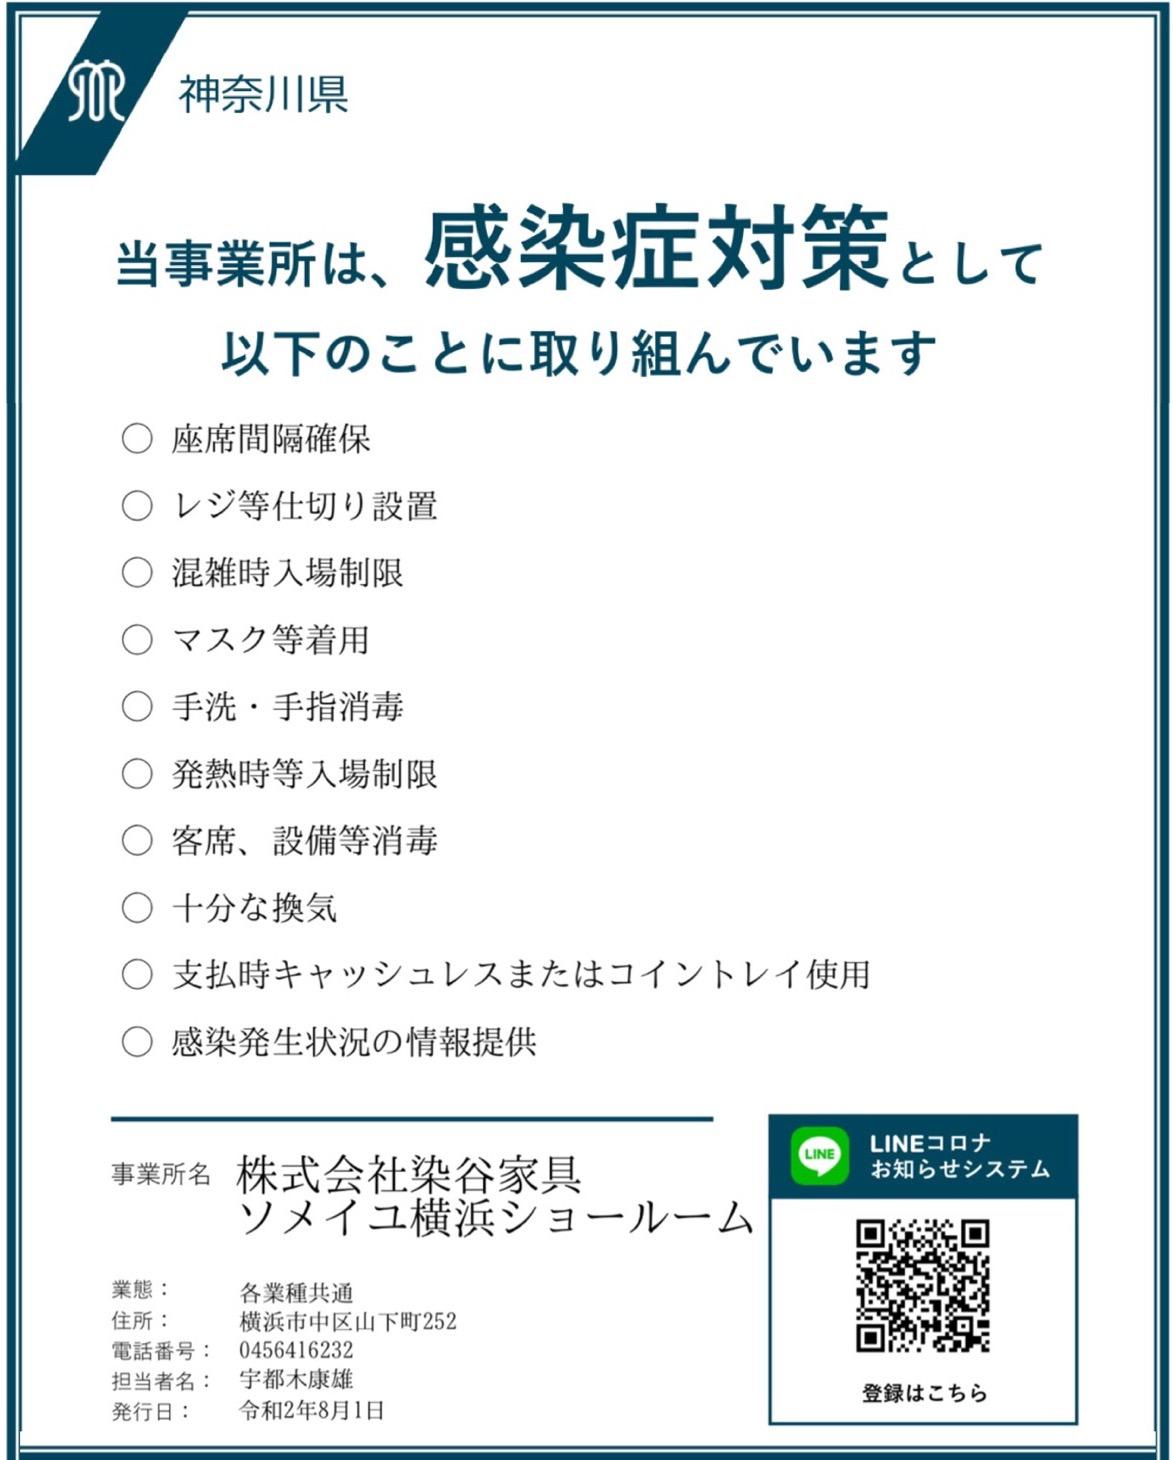 コロナ対策神奈川県ステッカー